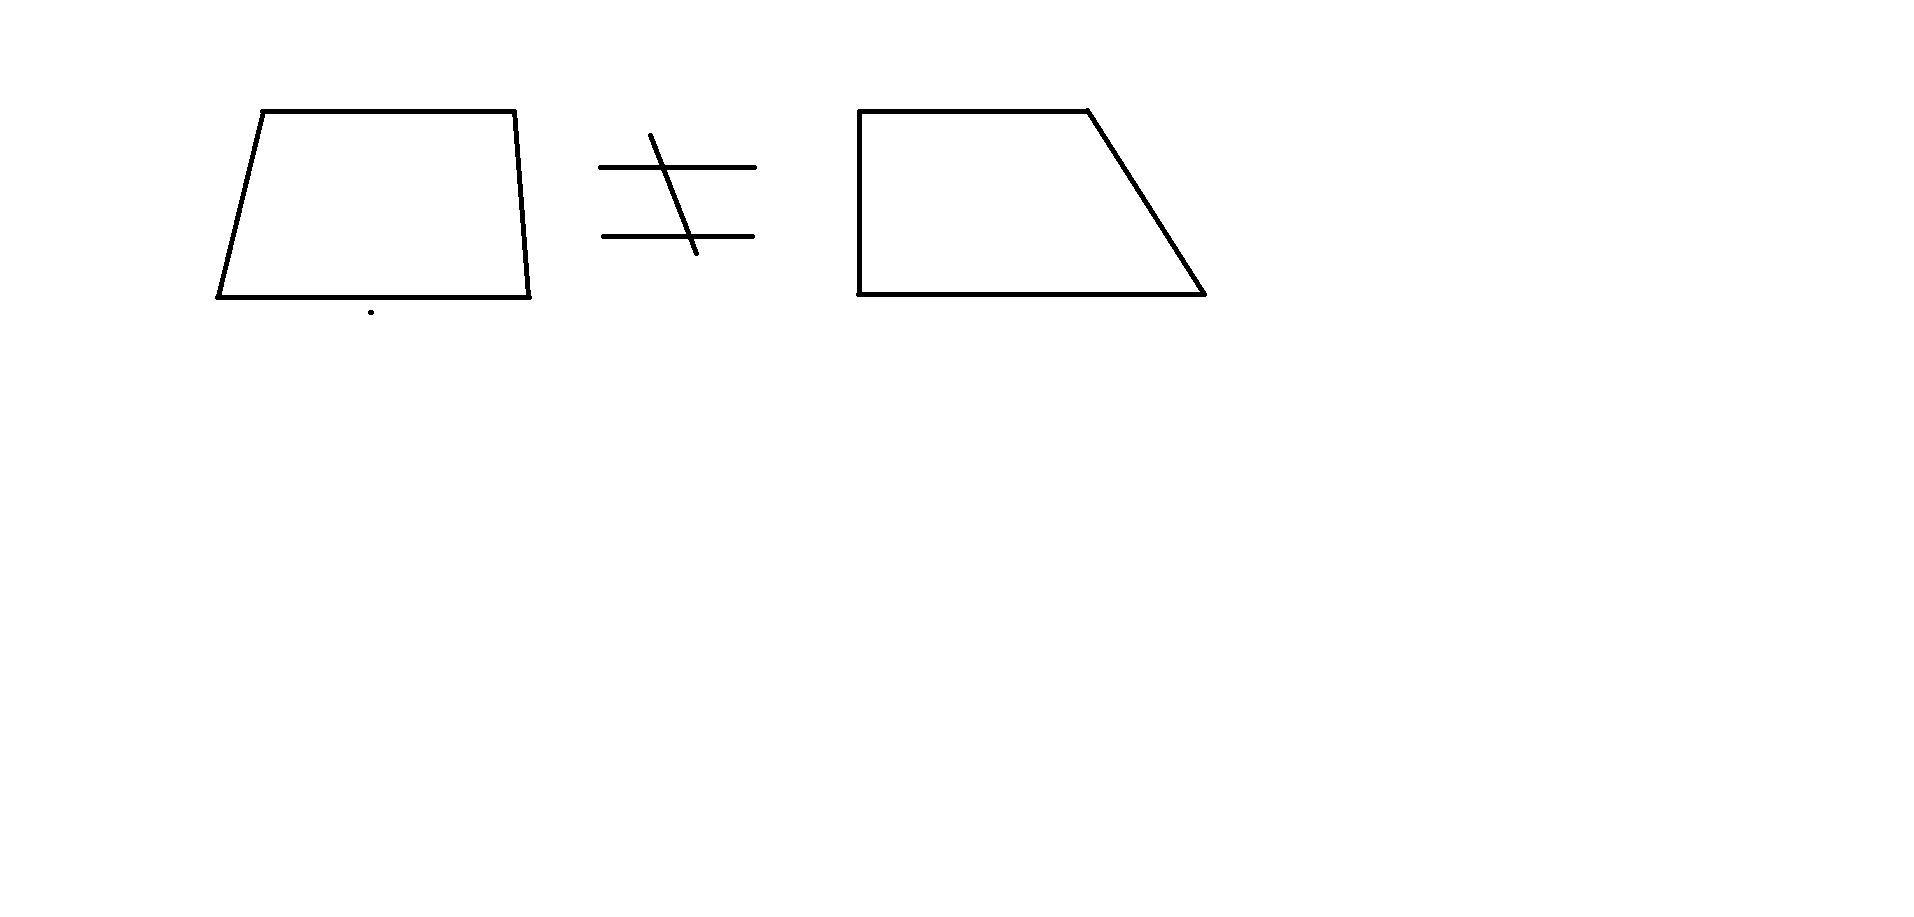 等底等高的两个梯形面积相等